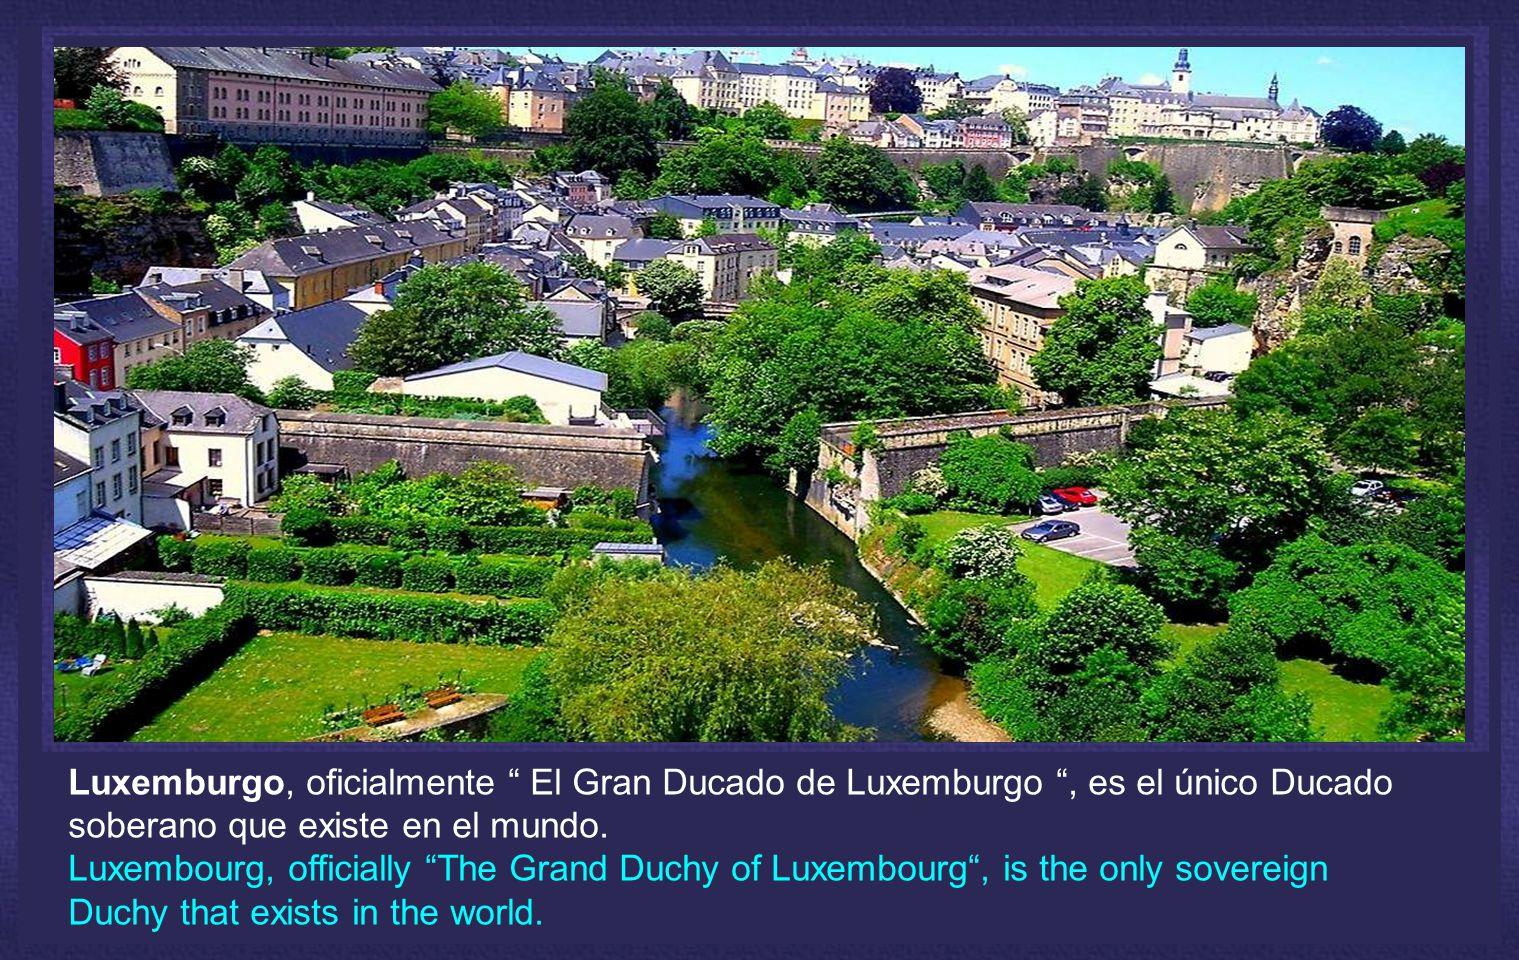 Luxemburgo, oficialmente El Gran Ducado de Luxemburgo , es el único Ducado soberano que existe en el mundo.